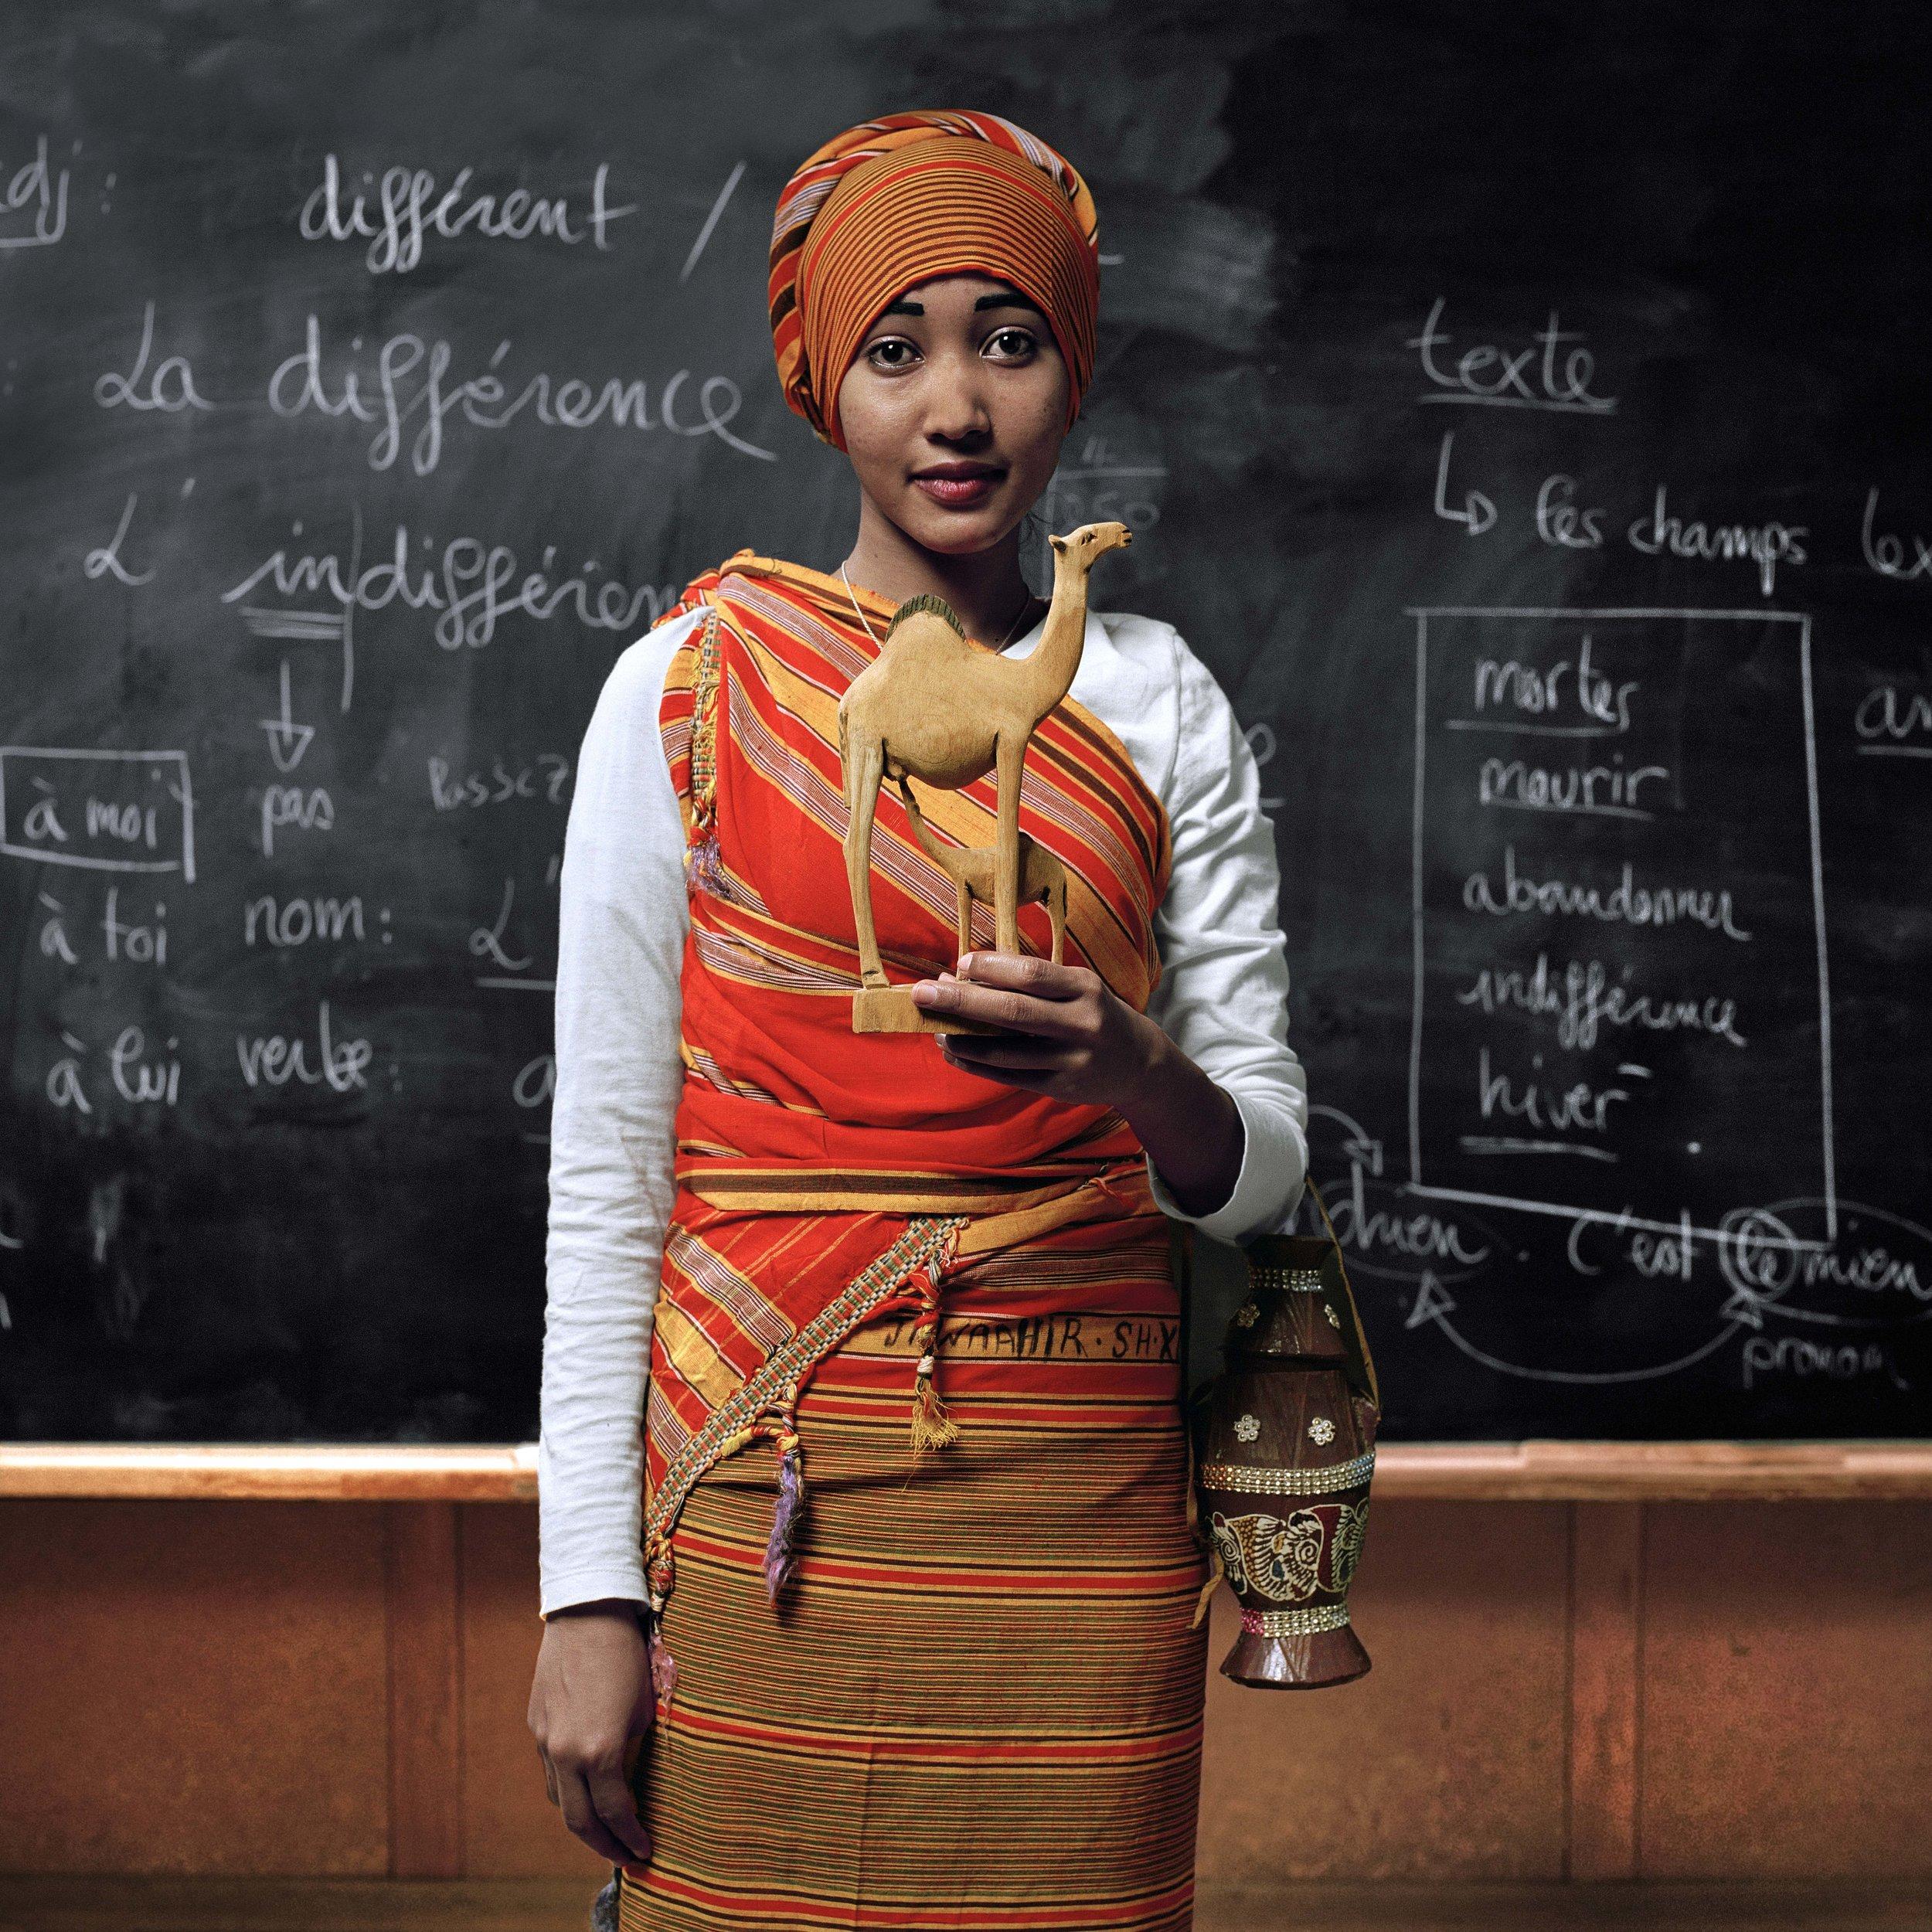 Samira , Somalie: «  Les habits que je porte sont traditionnels de mon pays et représentent ma culture. Quand je mets ces habits, c'est pour des événements importants. Comme pour un mariage ou une fête. Quand un homme se marie avec une femme, elle doit obligatoirement porter ces habits. Et l'homme doit donner 100 dromadaires à la famille de la mariée. Dans mon pays, les dromadaires sont très importants et on boit aussi son lait. Ce sont les plus beaux du monde et les animaux les plus nombreux de Somalie. C'est pourquoi j'ai choisi une statuette qui les représente .» ©Vivian Olmi